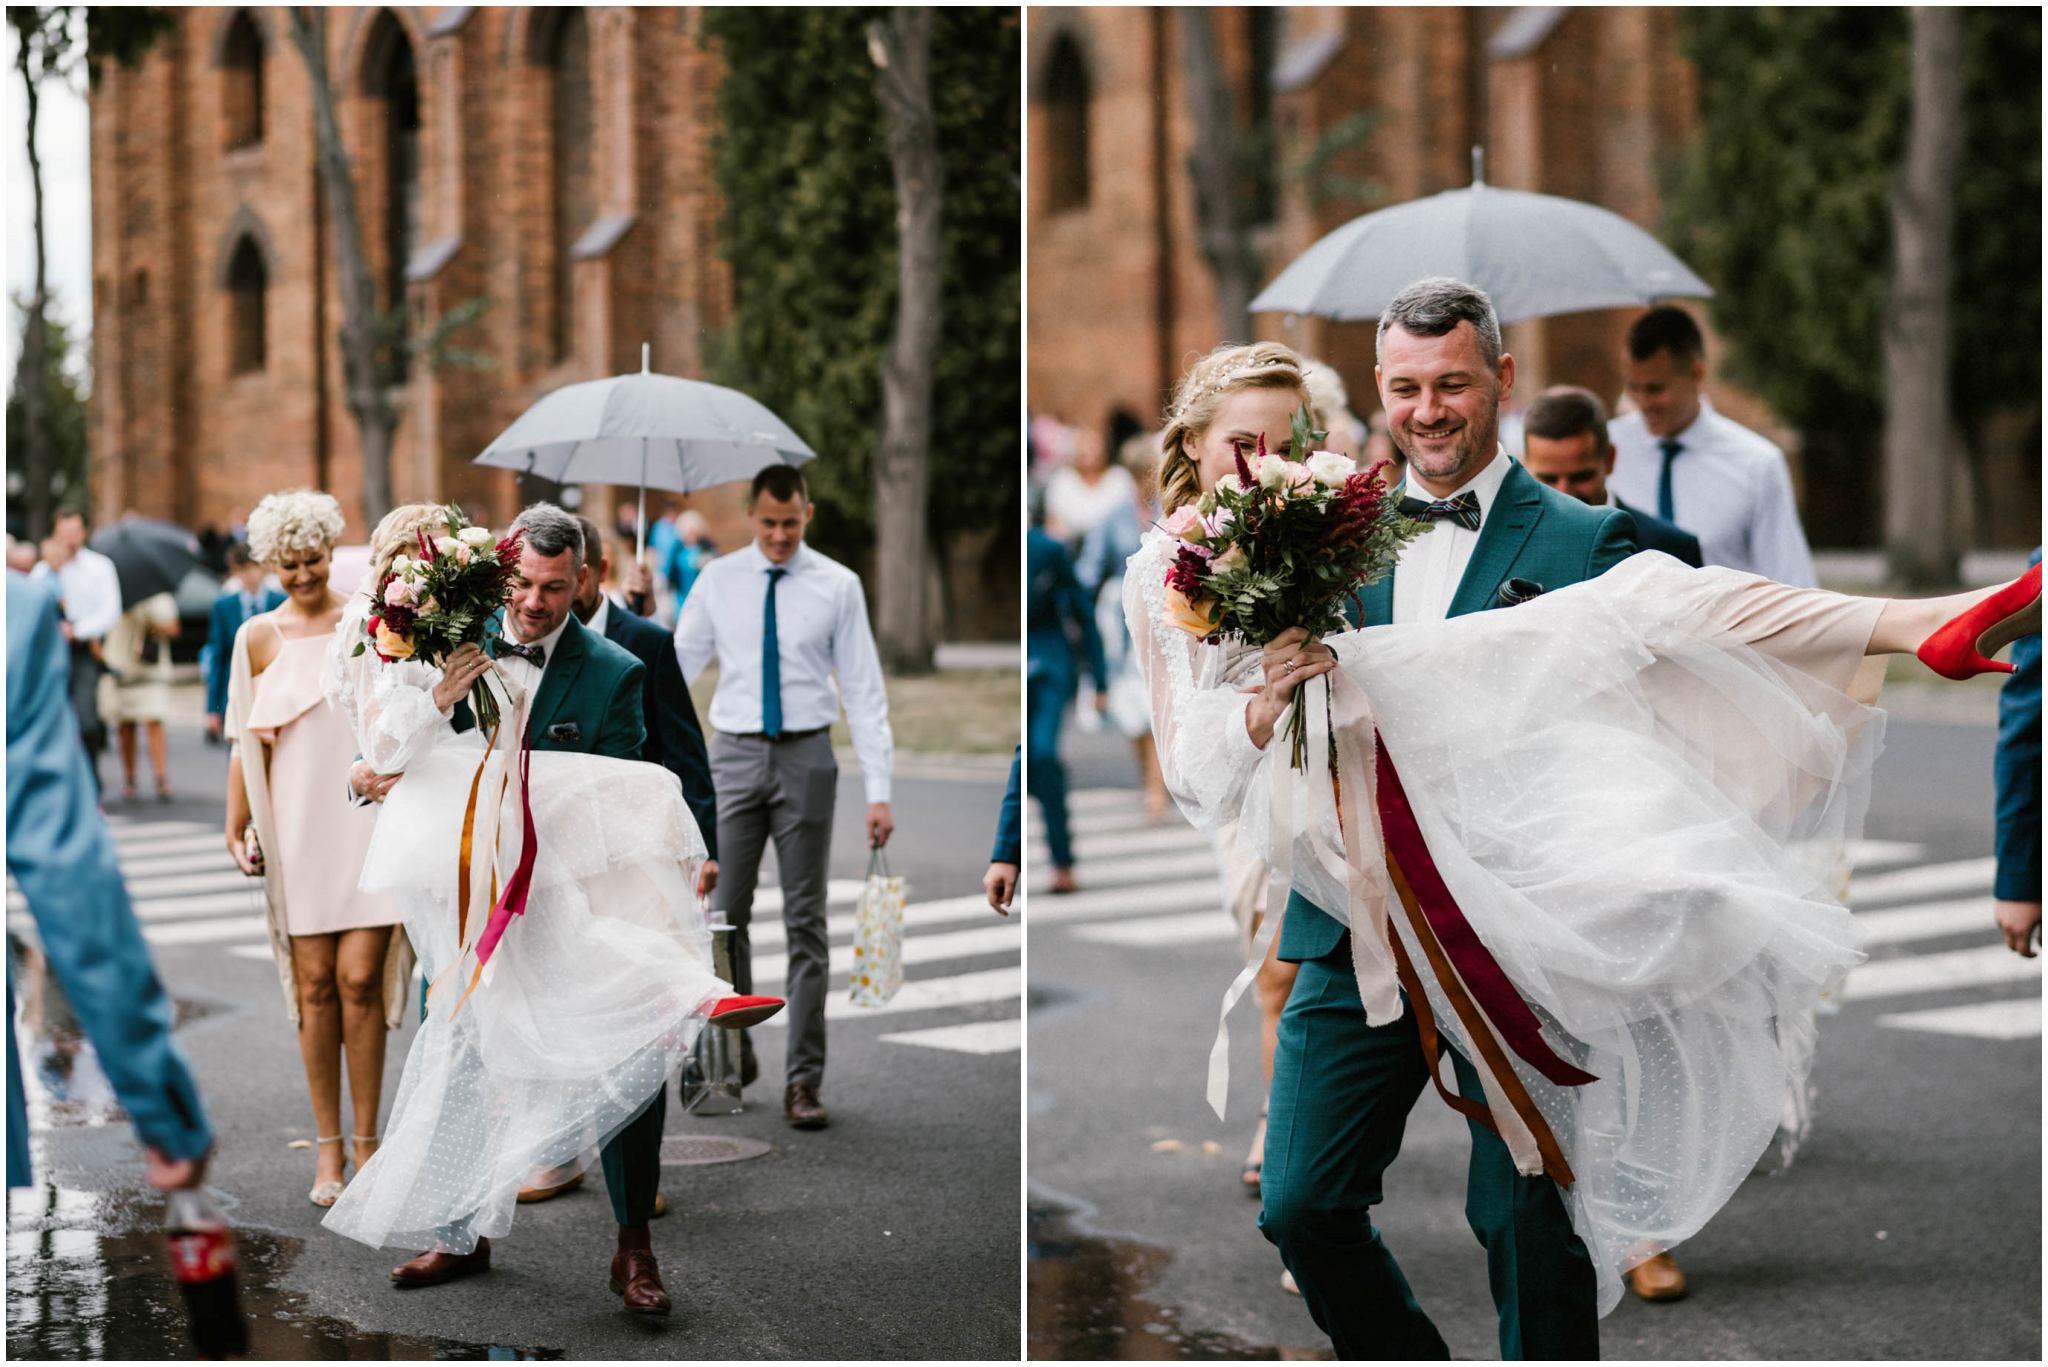 Mąż trzyma żonę na rękach - sesja ślubna na Wyspie Św. Edwarda Zaniemyśl